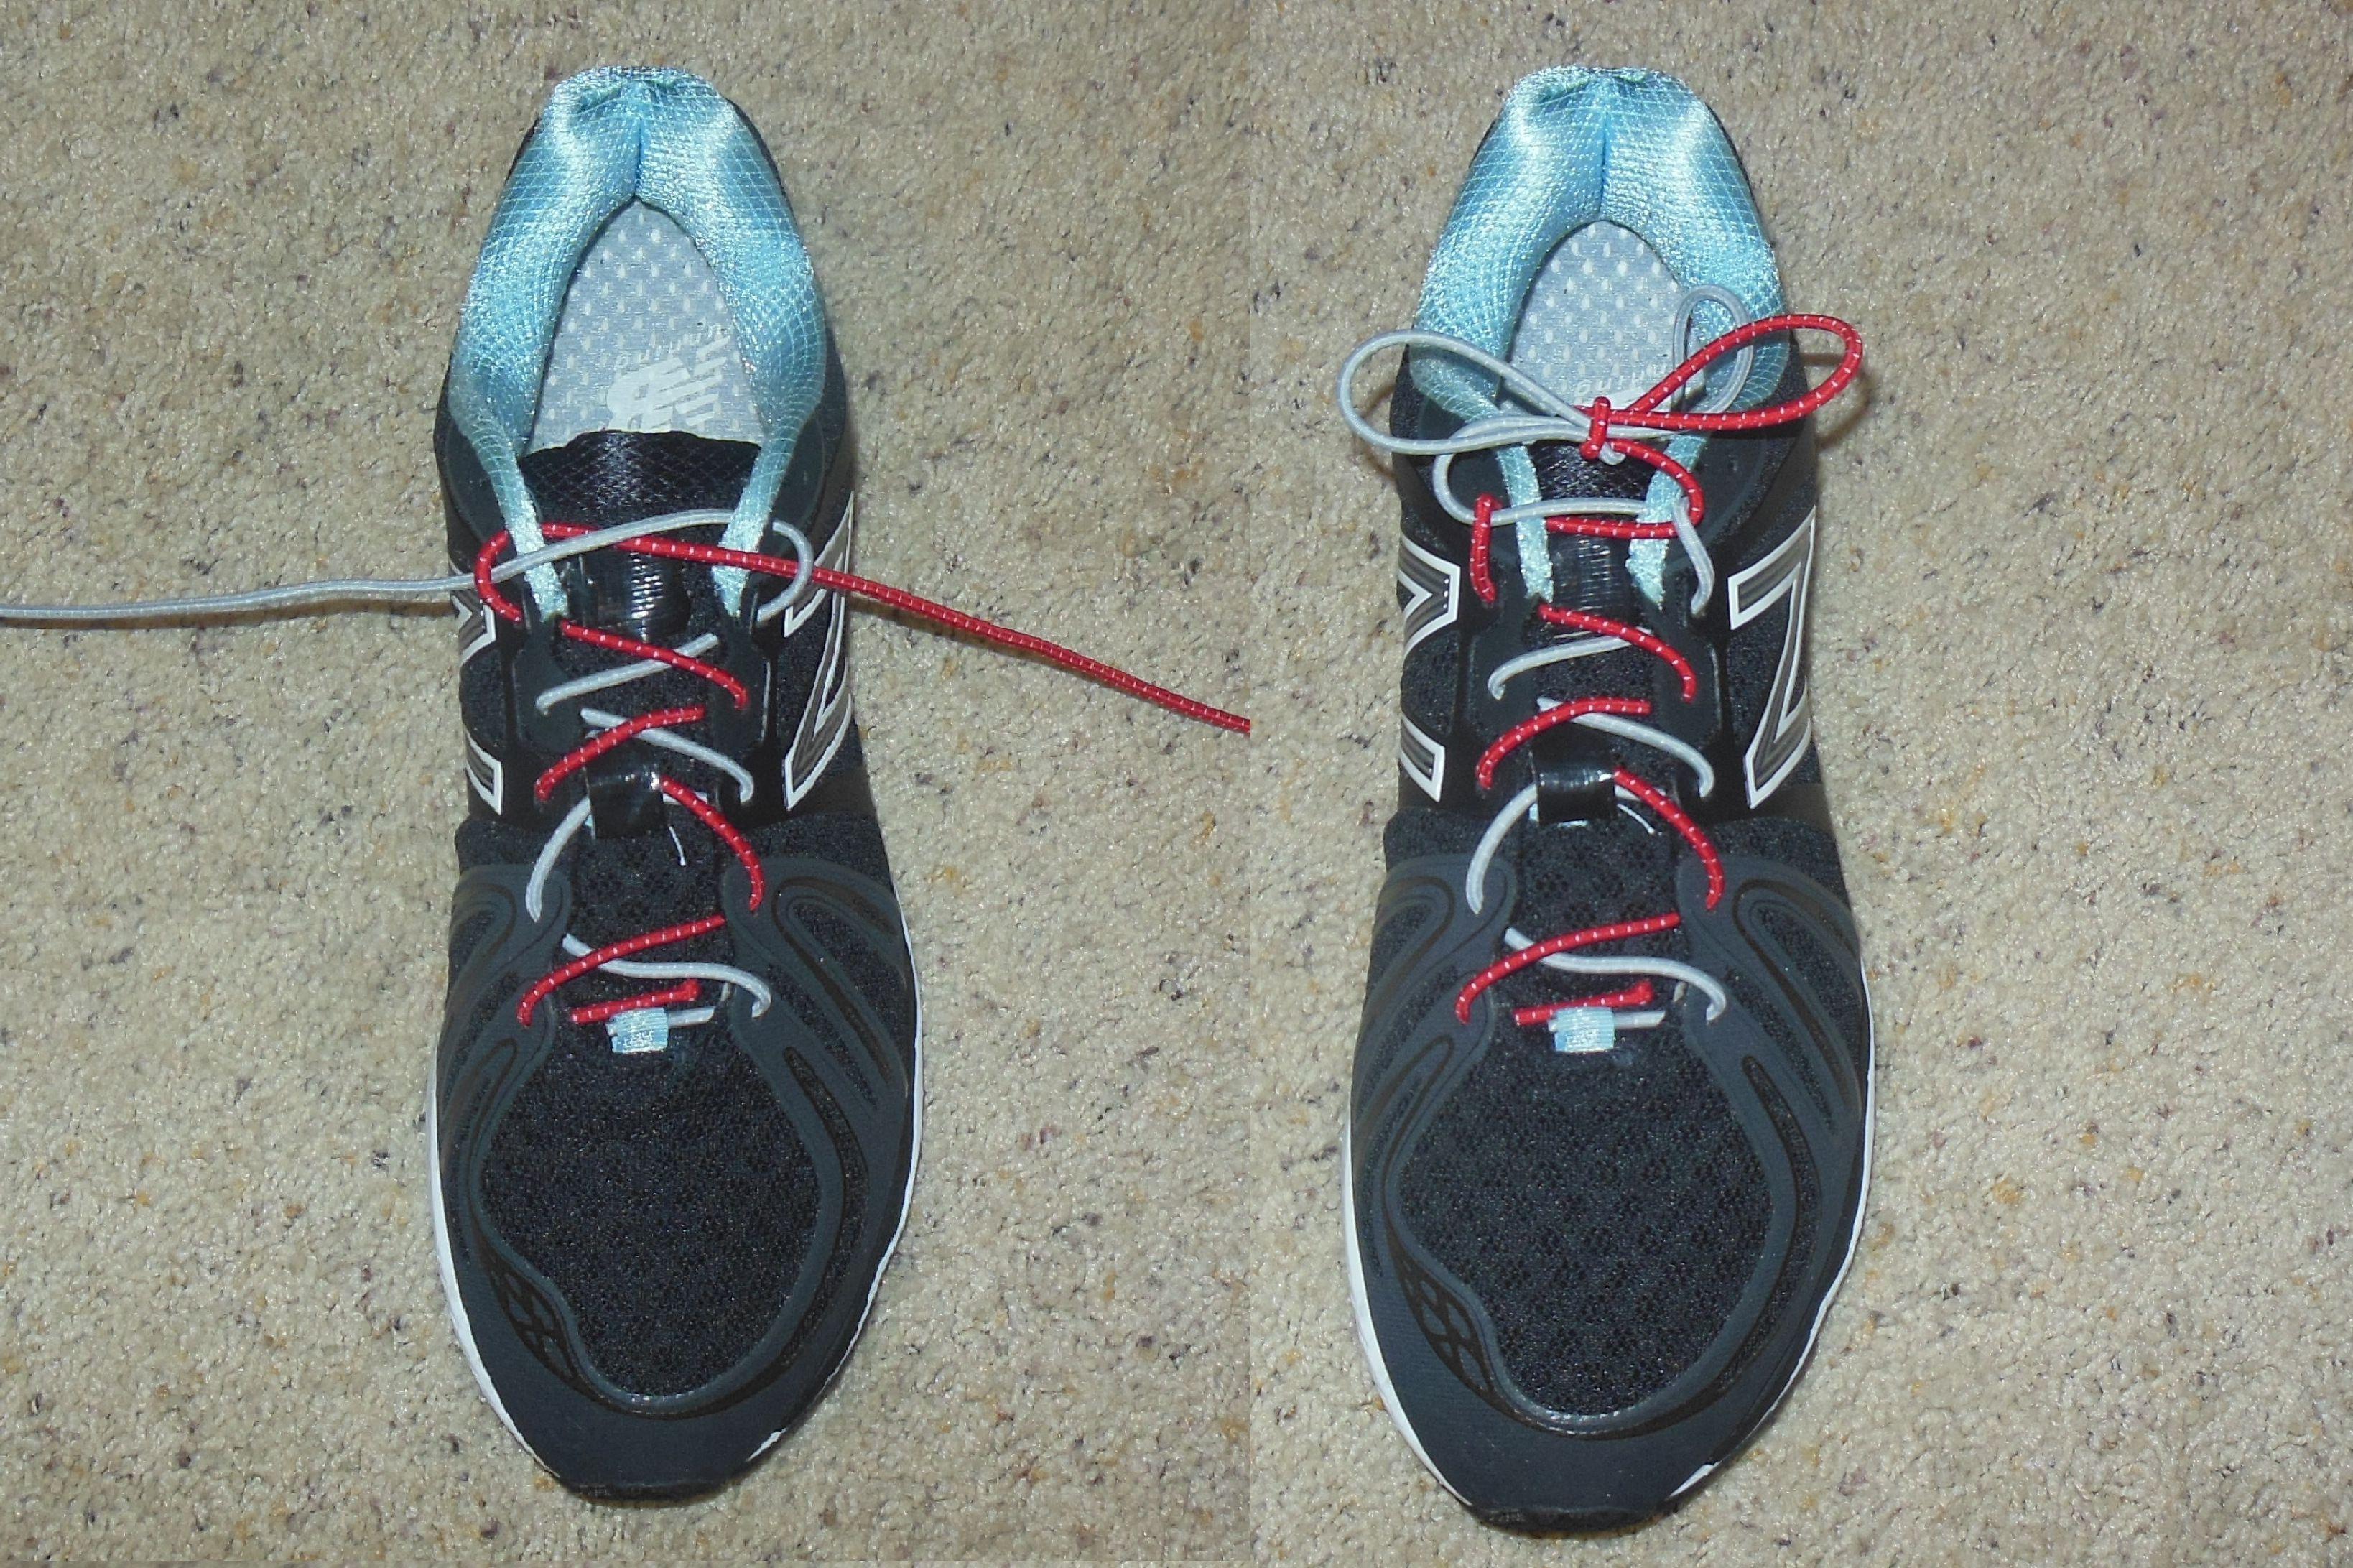 e25a3a549256 Lacing Technique to Prevent Heel Slippage